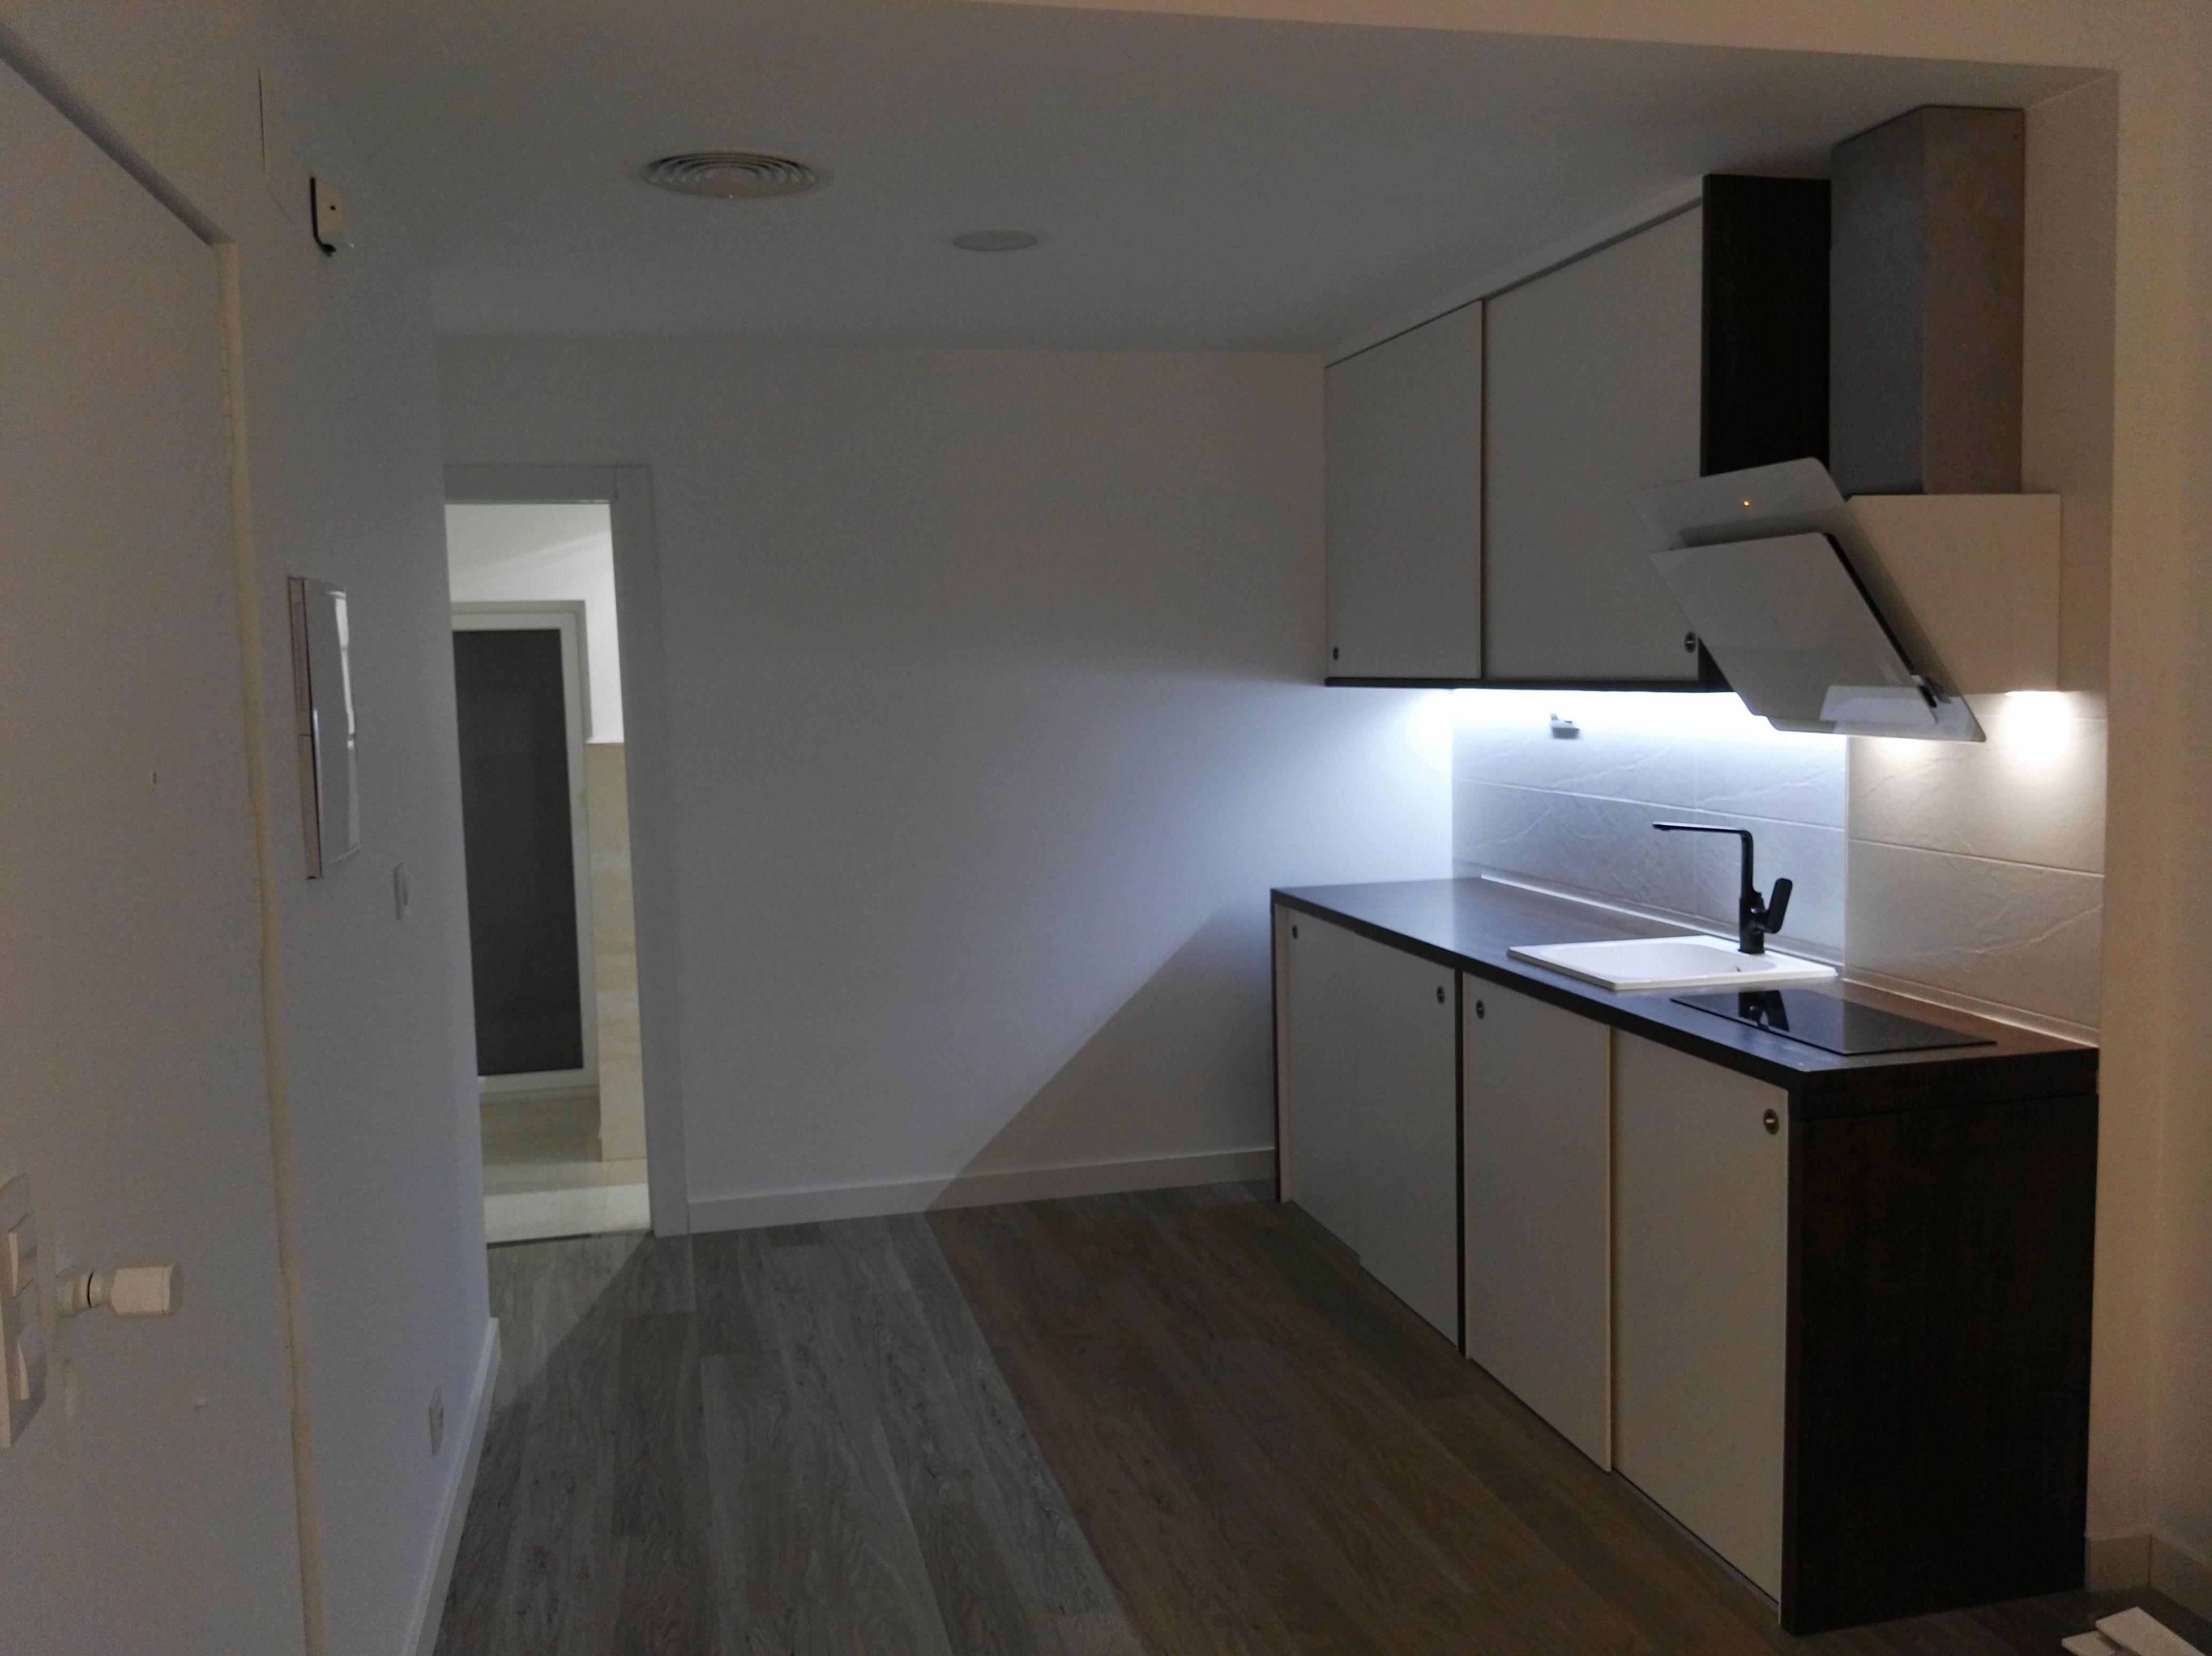 Diseño de cocinas totalmente adaptado al espacio